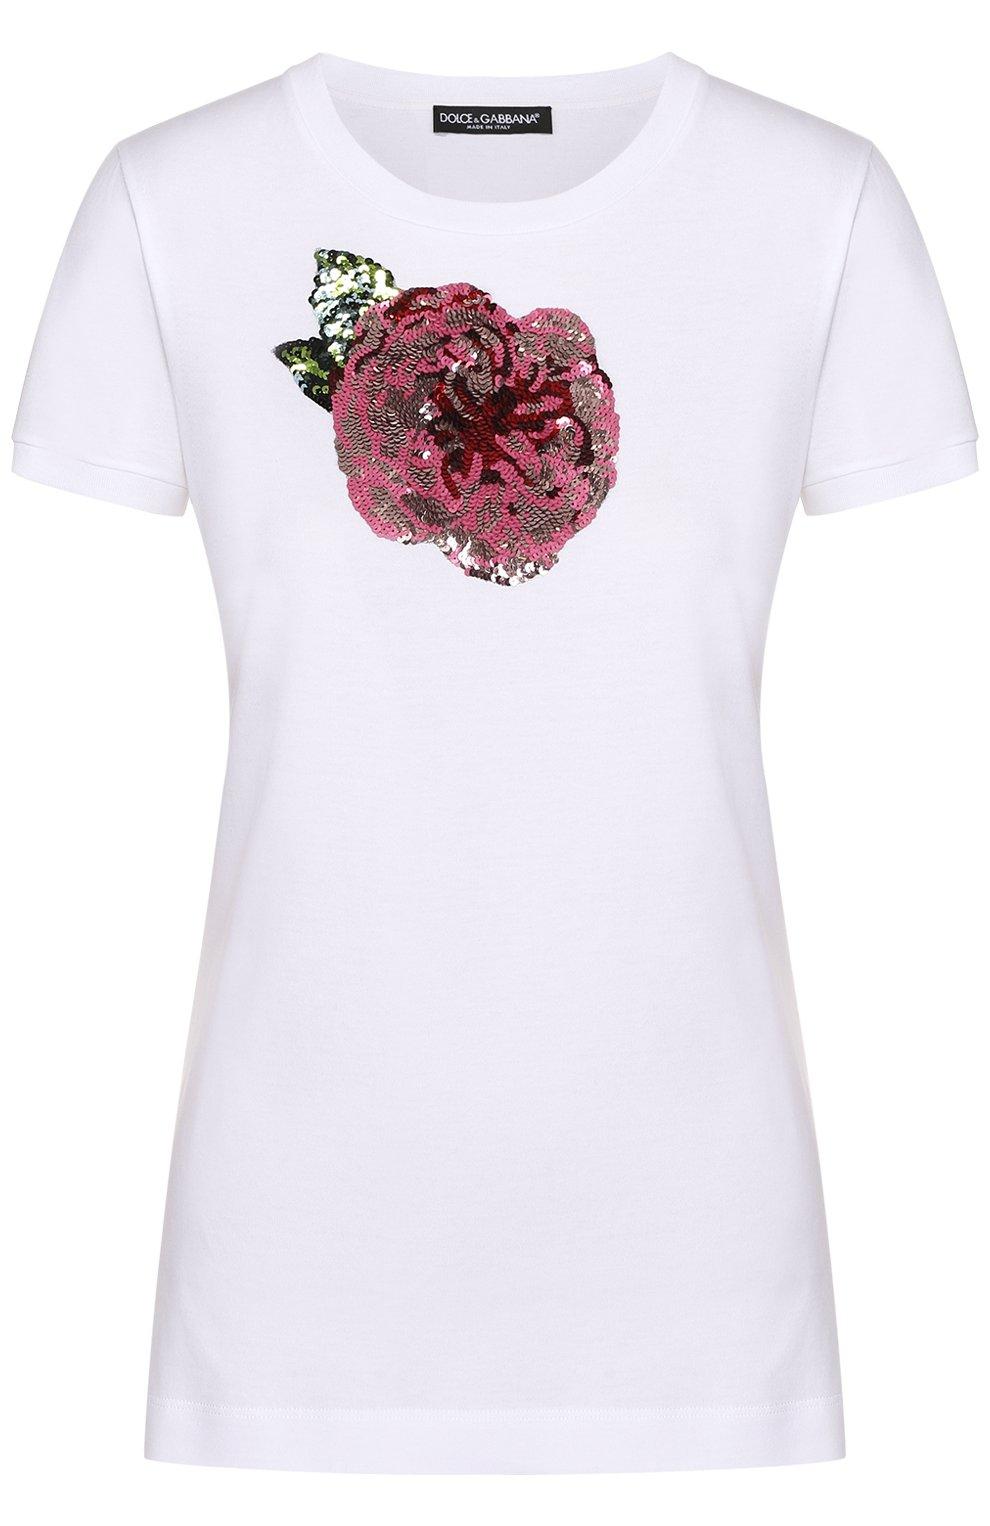 Приталенная футболка с контрастной вышивкой пайетками | Фото №1